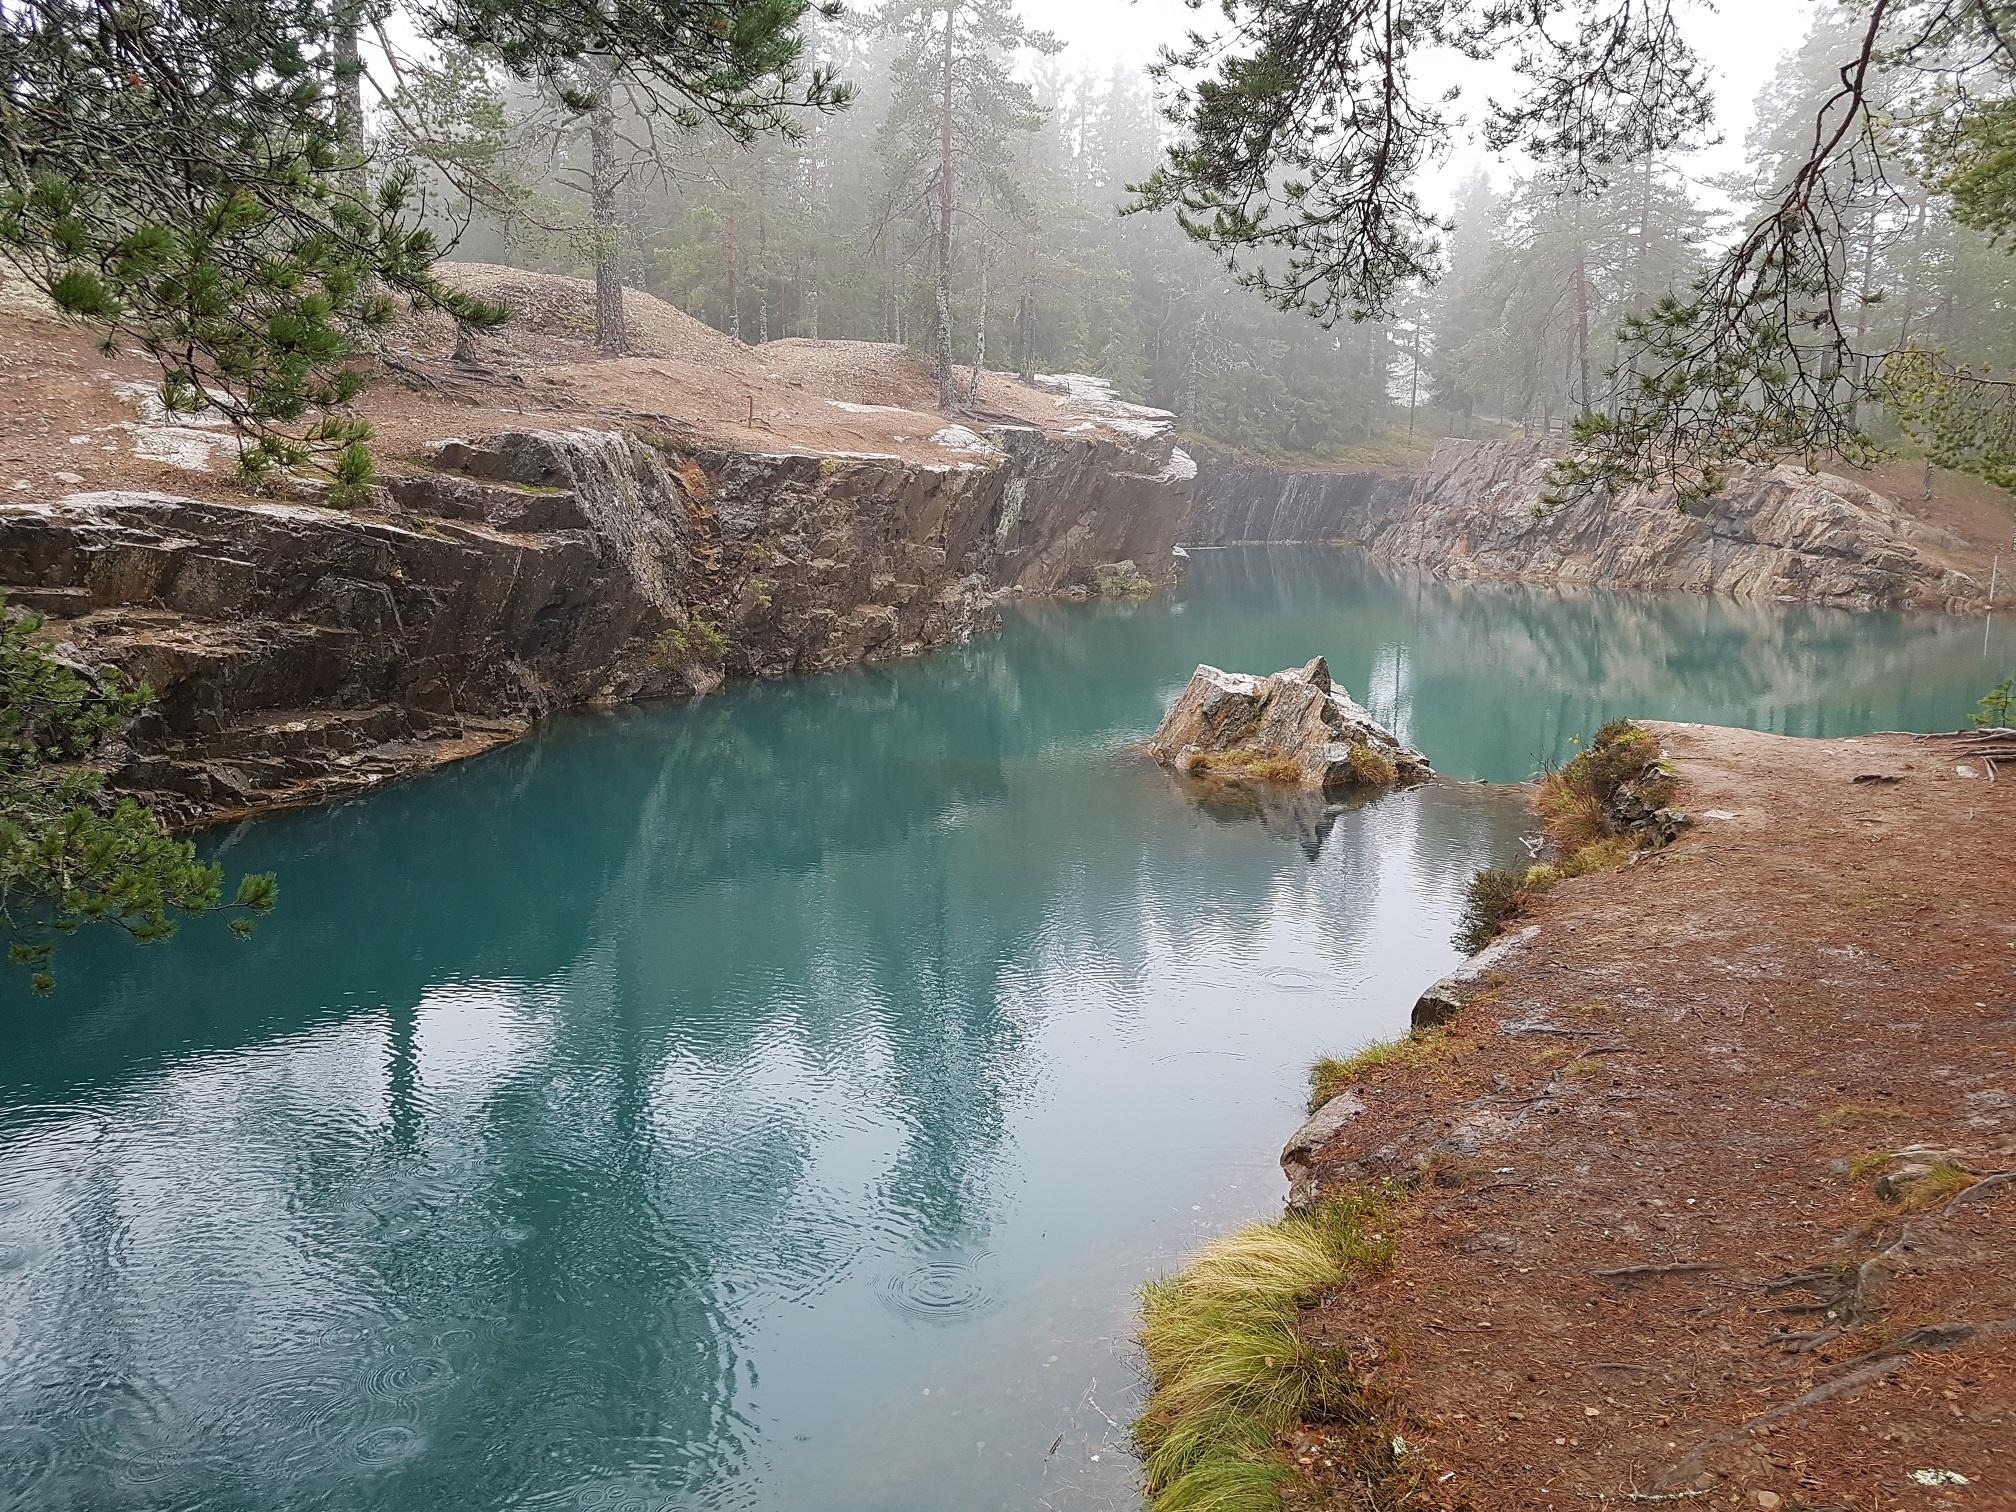 Gruvhål med blågrönt vatten vid Östra Silvbergs gruva